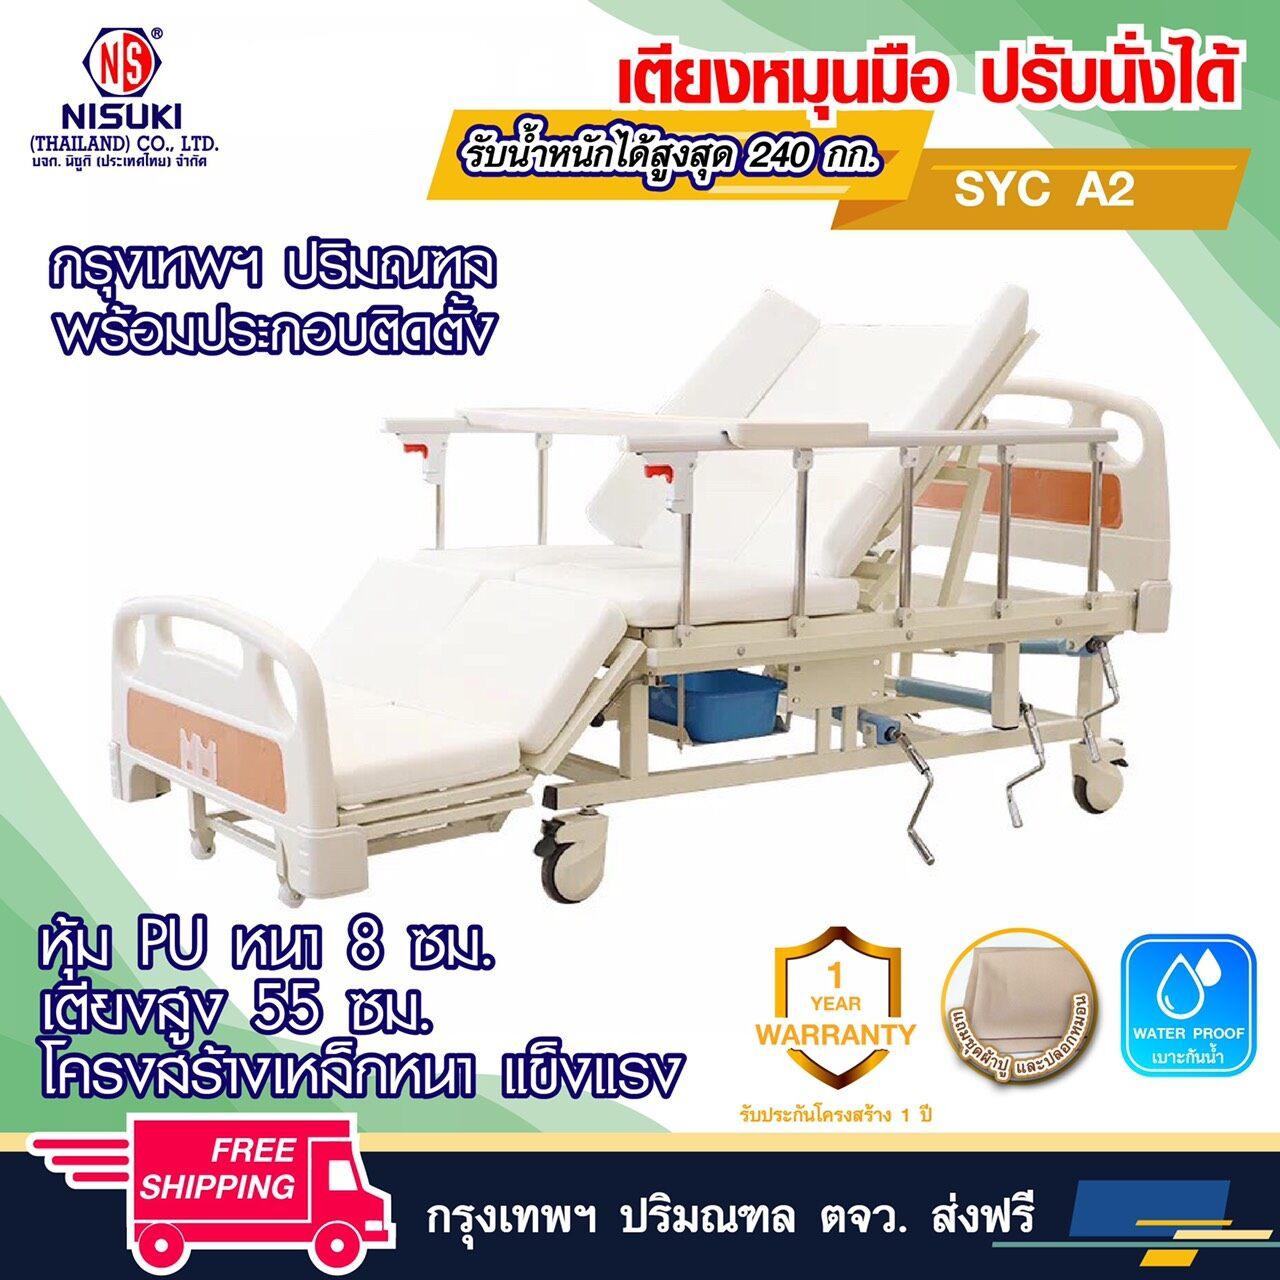 เตียงผู้ป่วยหมุนมือรุ่น SYC A2 ปรับนั่ง เอียงซ้าย ขวา รวมเบาะกั้นน้ำ